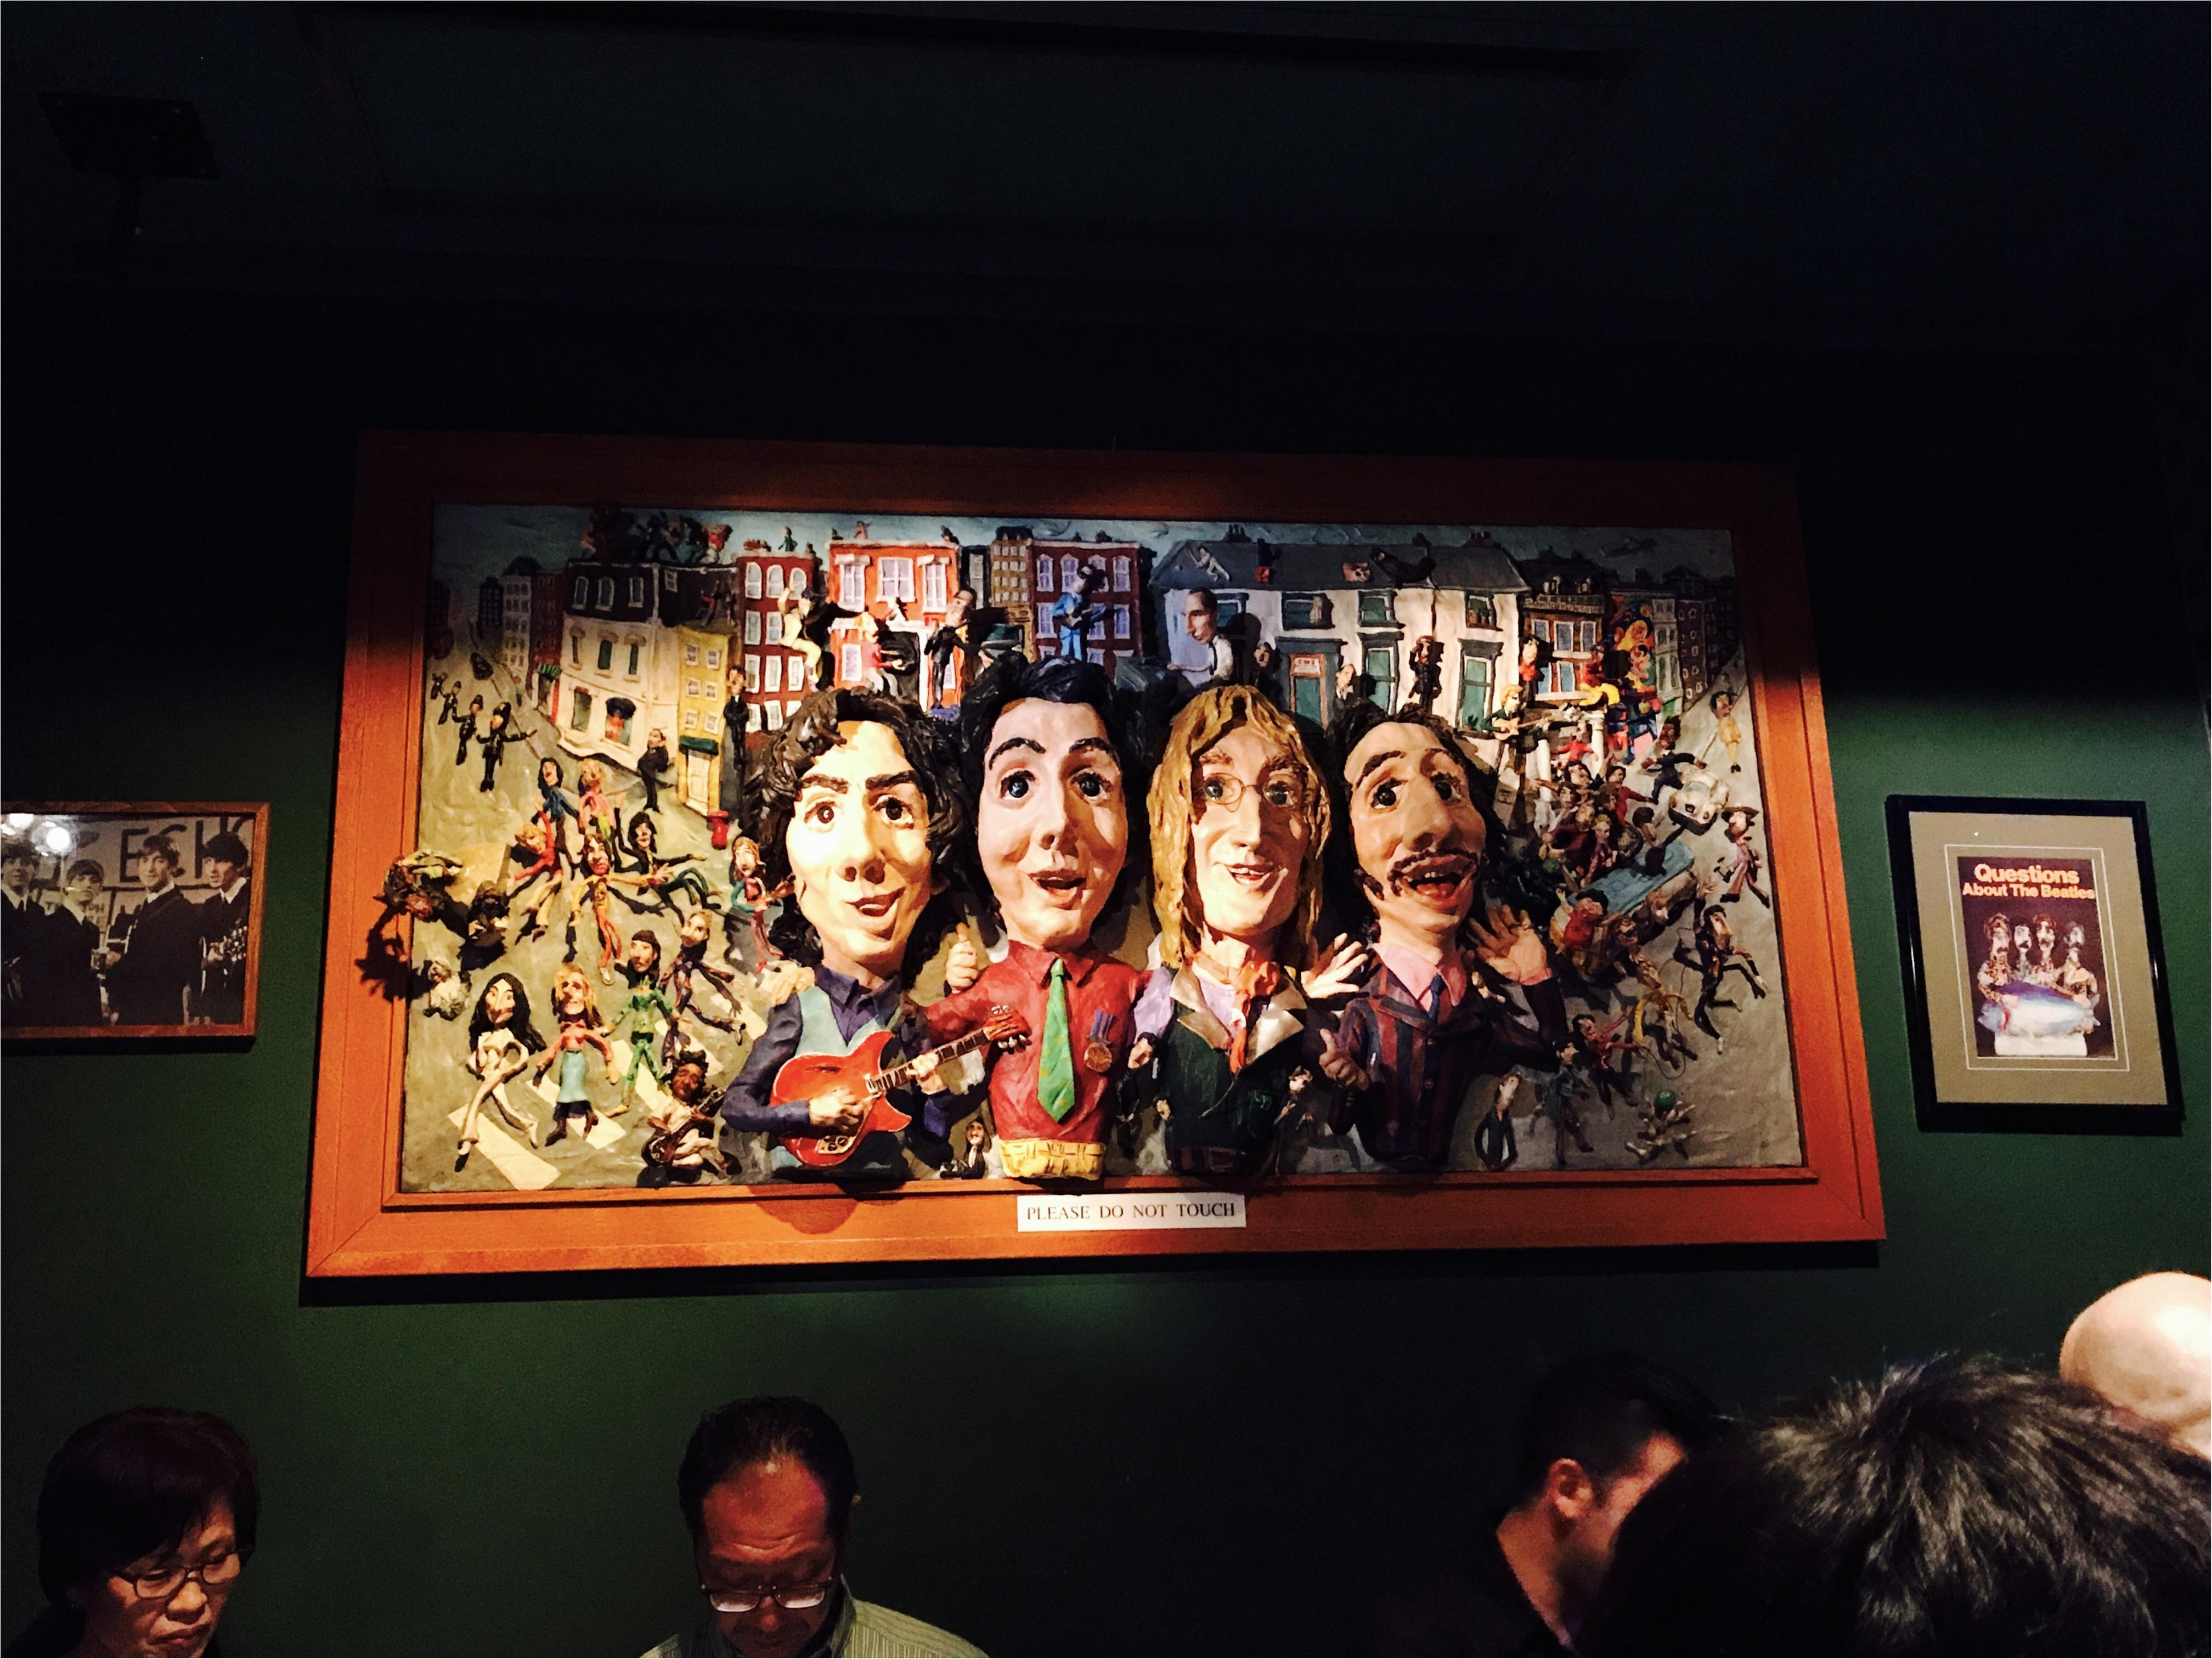 ビートルズ好き必見!ビートルズの曲を堪能できるライブハウス【Abbey Road】(六本木)_4